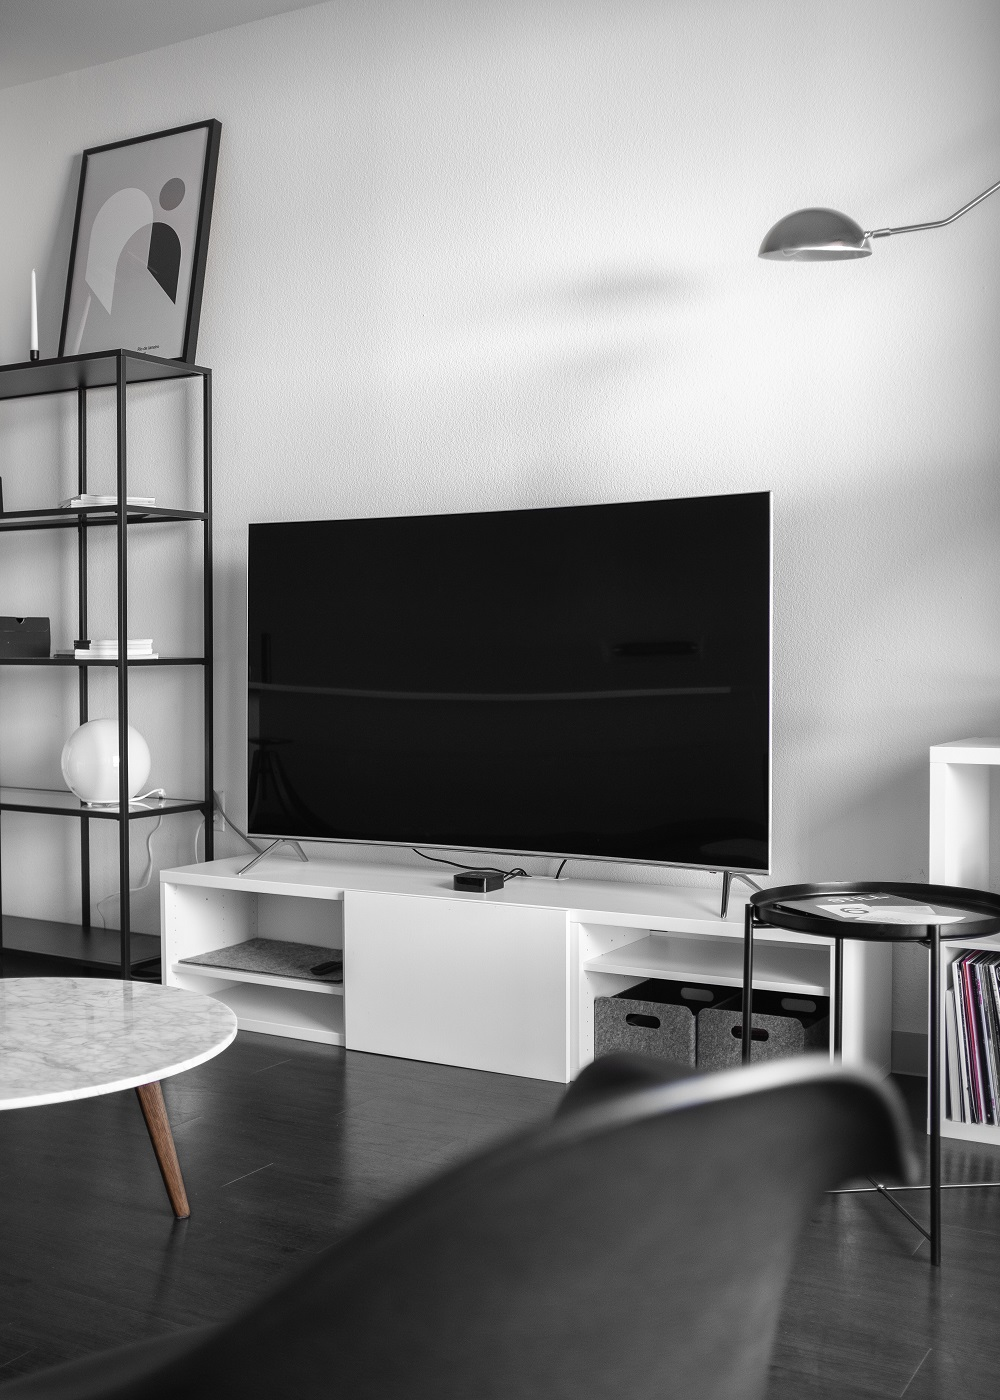 Telewizory 27 cali znajdziesz w przystępnych cenach na stronie Ceneo.pl